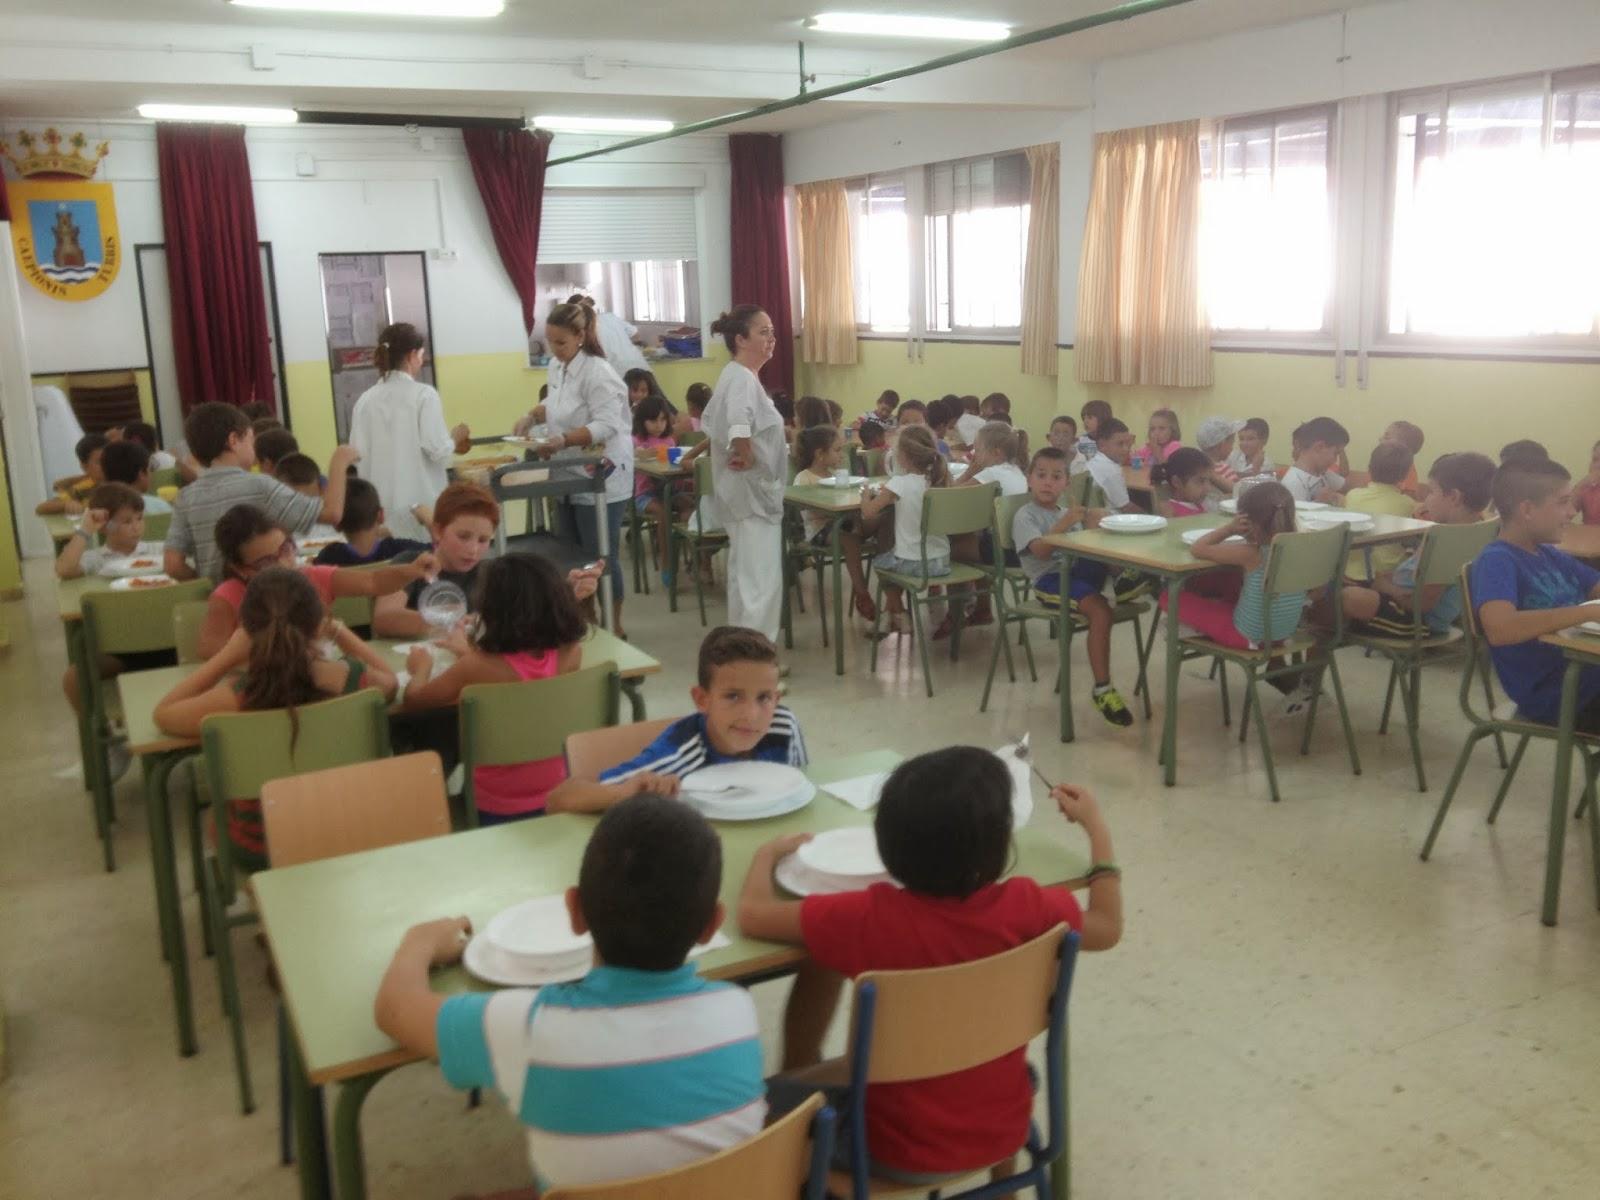 Ceip maestro manuel aparcero for Trabajo de comedor escolar